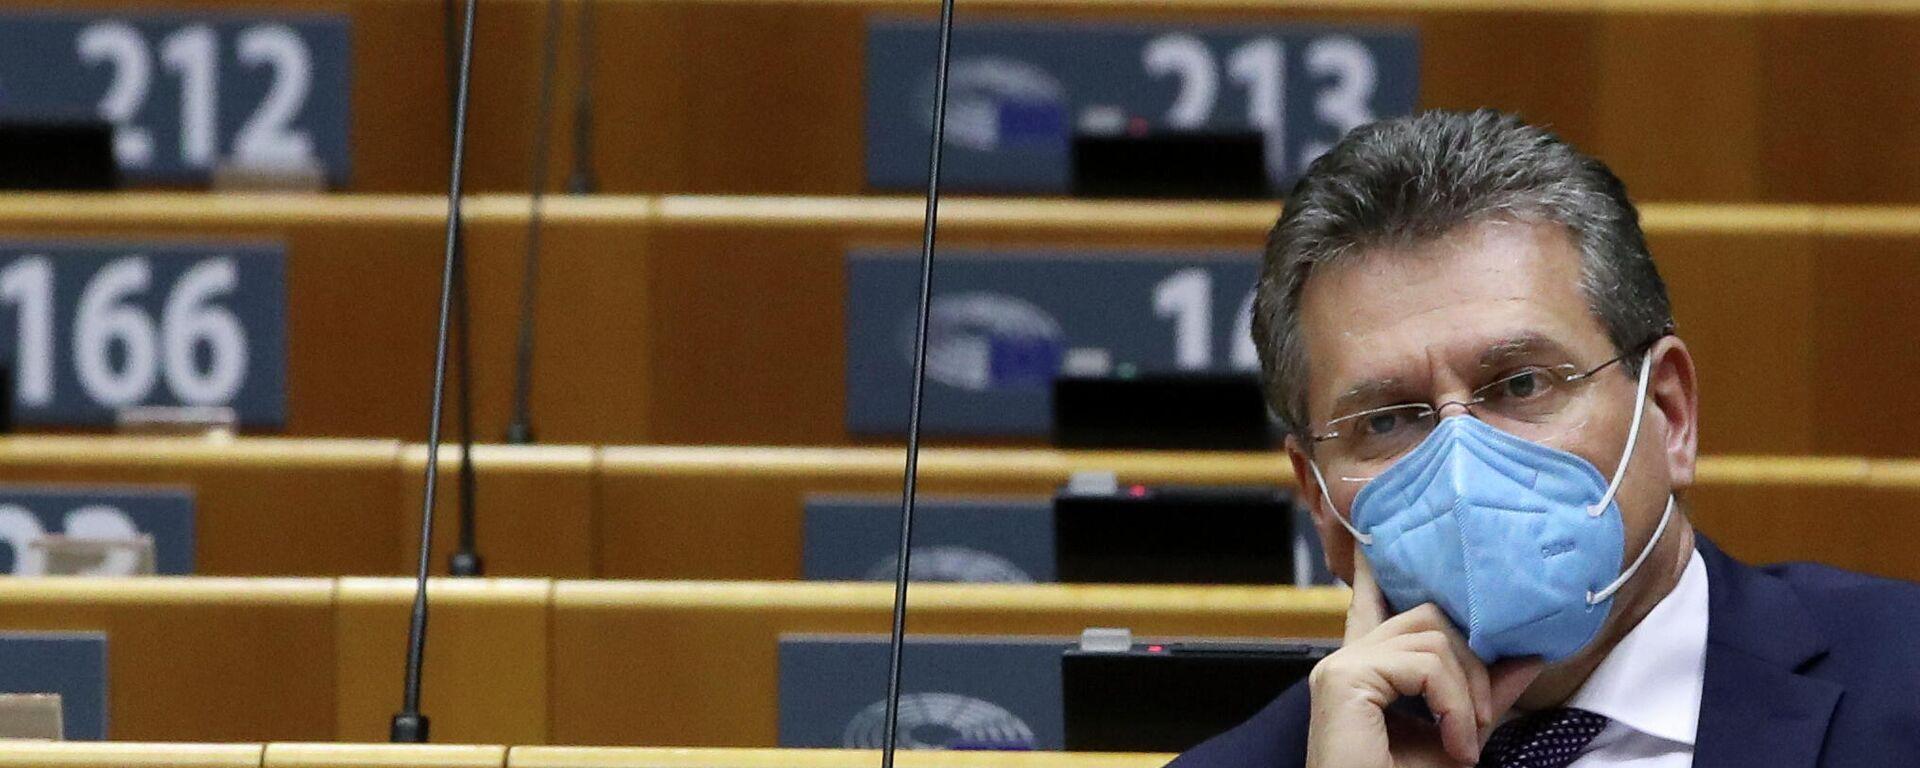 Der Vizepräsident der Europäischen Kommission, Maroš Šefčovič, in einer Sitzung des EU-Parlaments, den 25. März - SNA, 1920, 26.03.2021